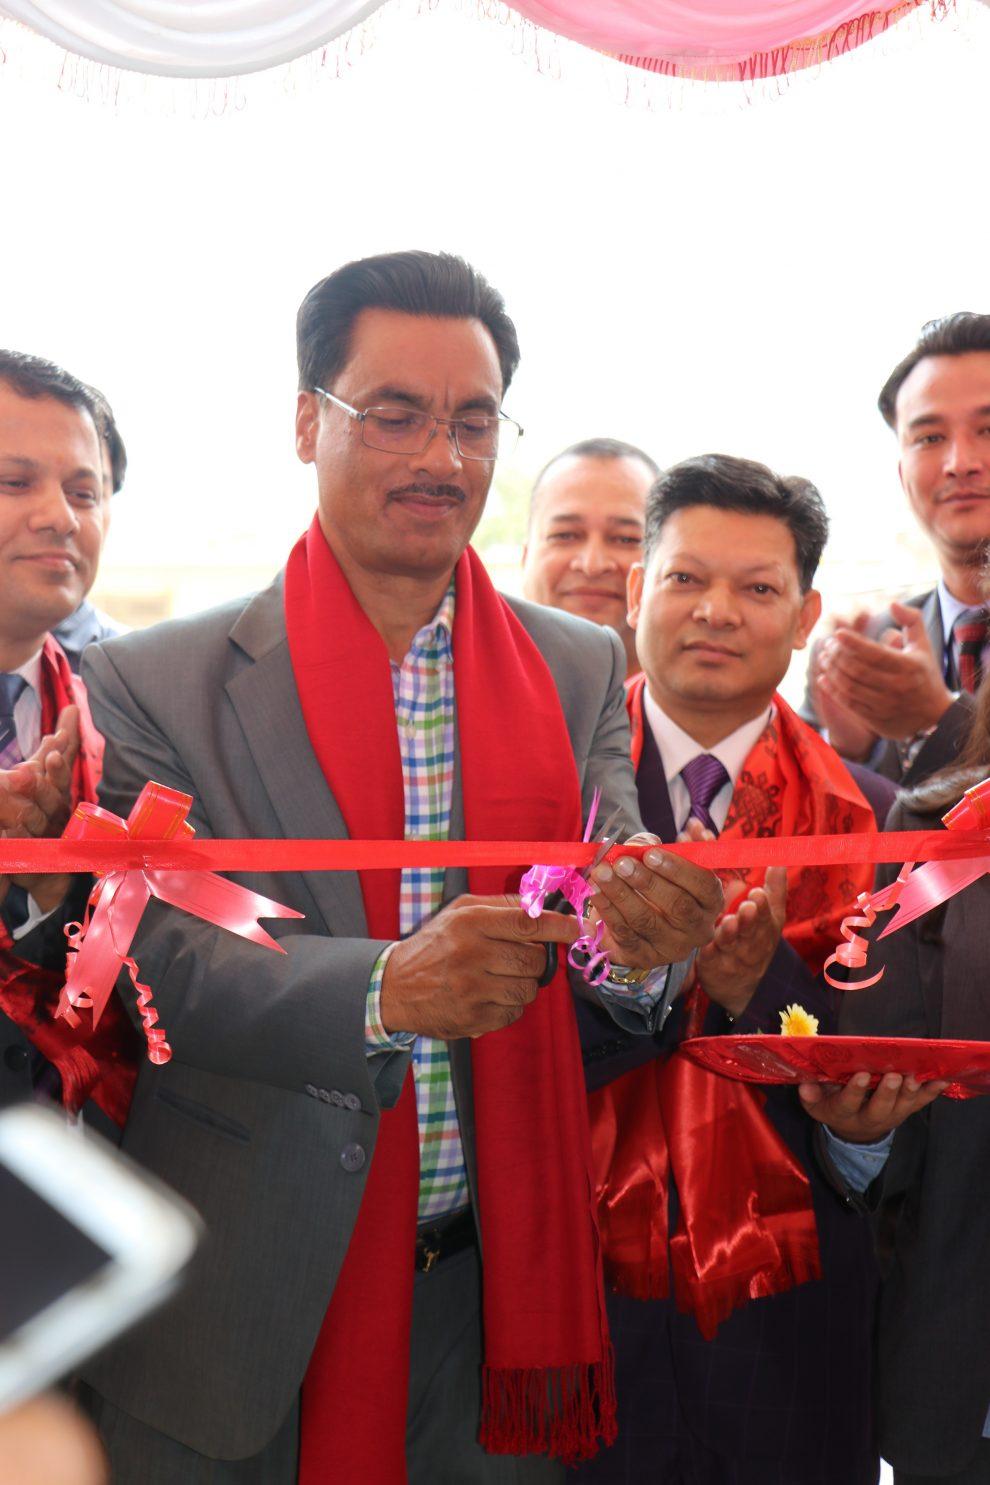 मुक्तिनाथविकास बैंकको नयाँशाखा अब काठमाडौंको ढुङ्गाअड्डामा